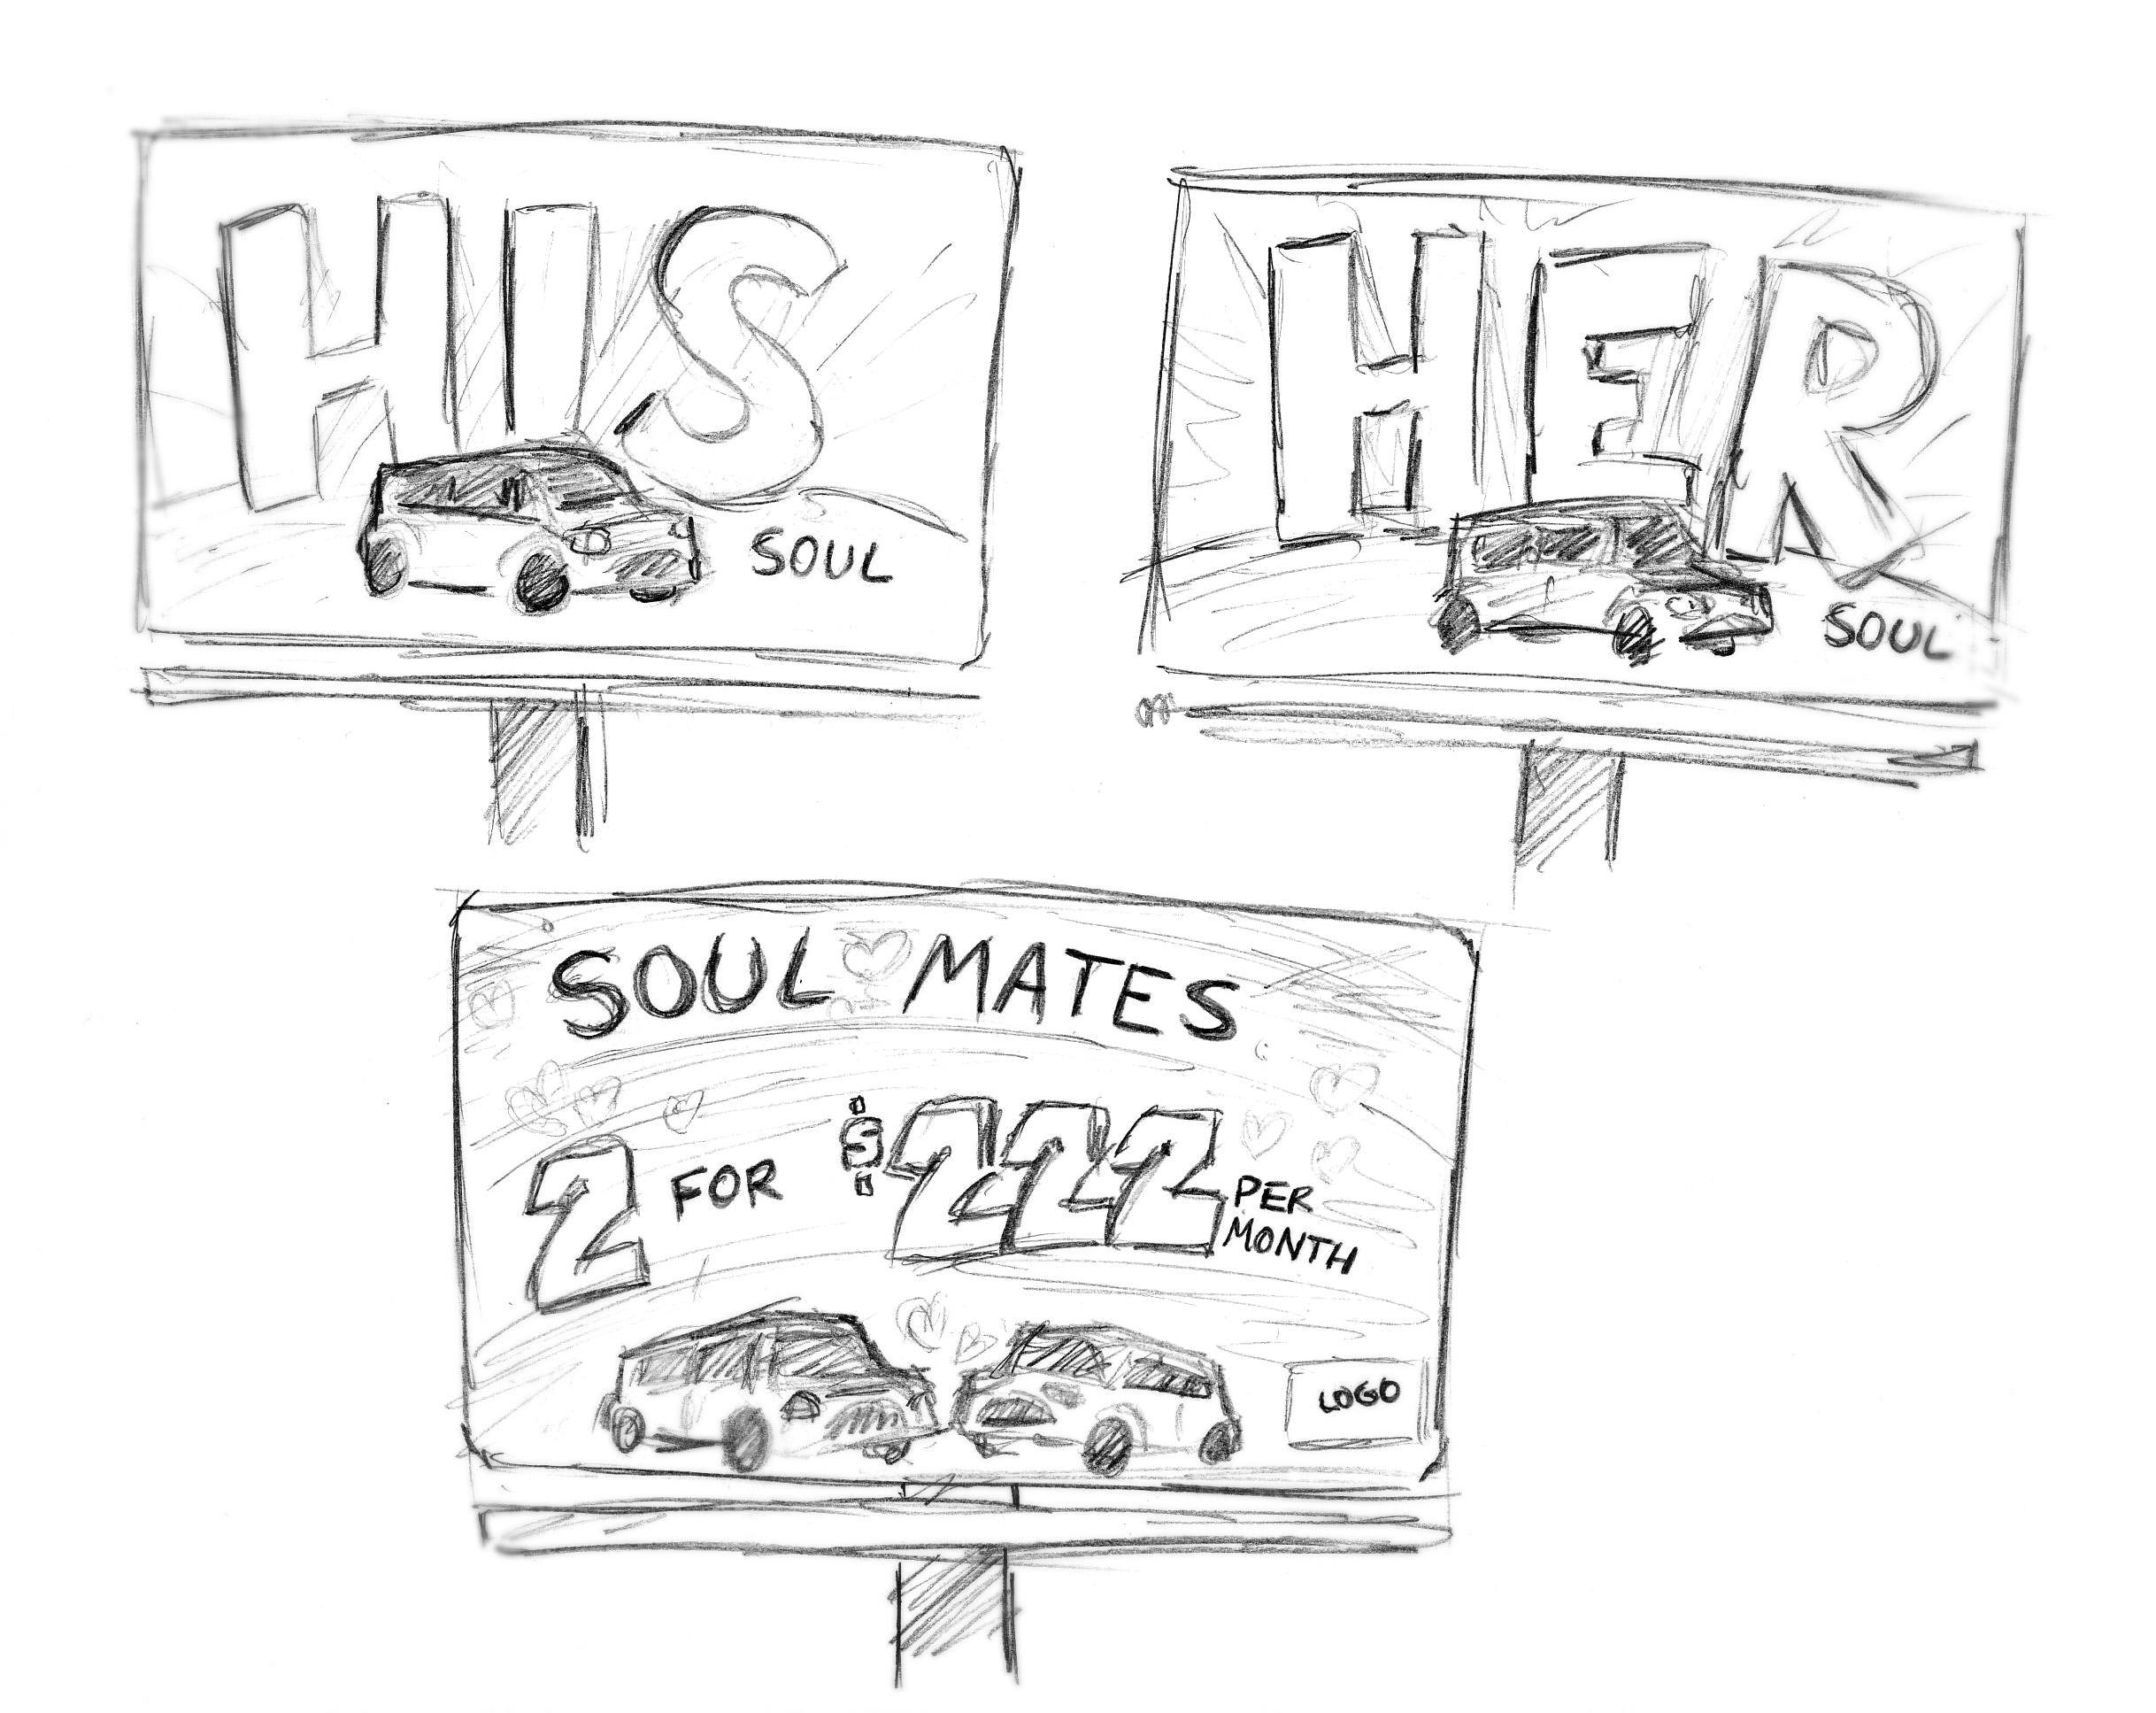 dothan-kia-soul-mates-sketch